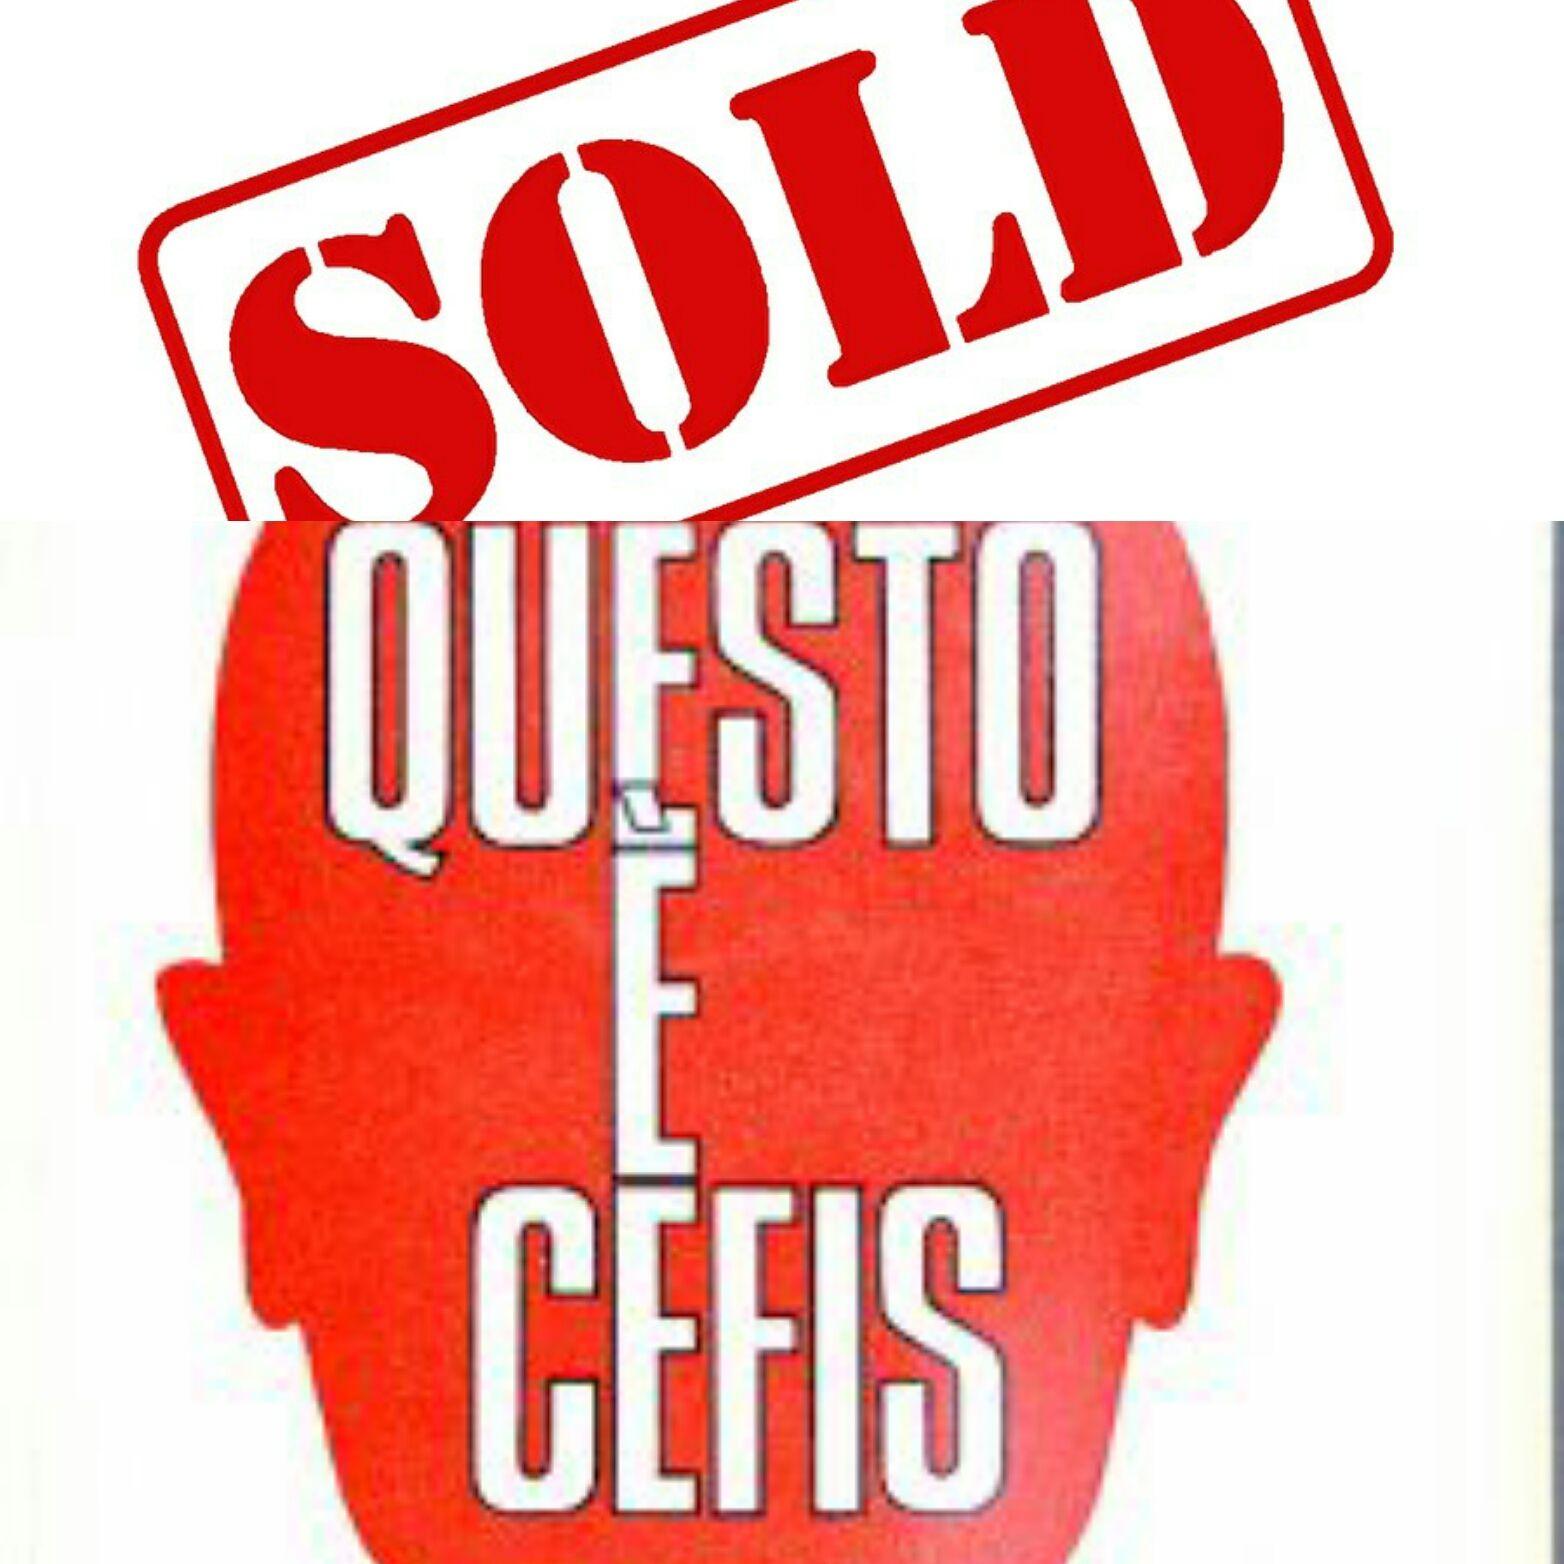 """…su Abebooks venduto """"Questo è Cefis"""" di Giorgio Steimetz a 12 €"""